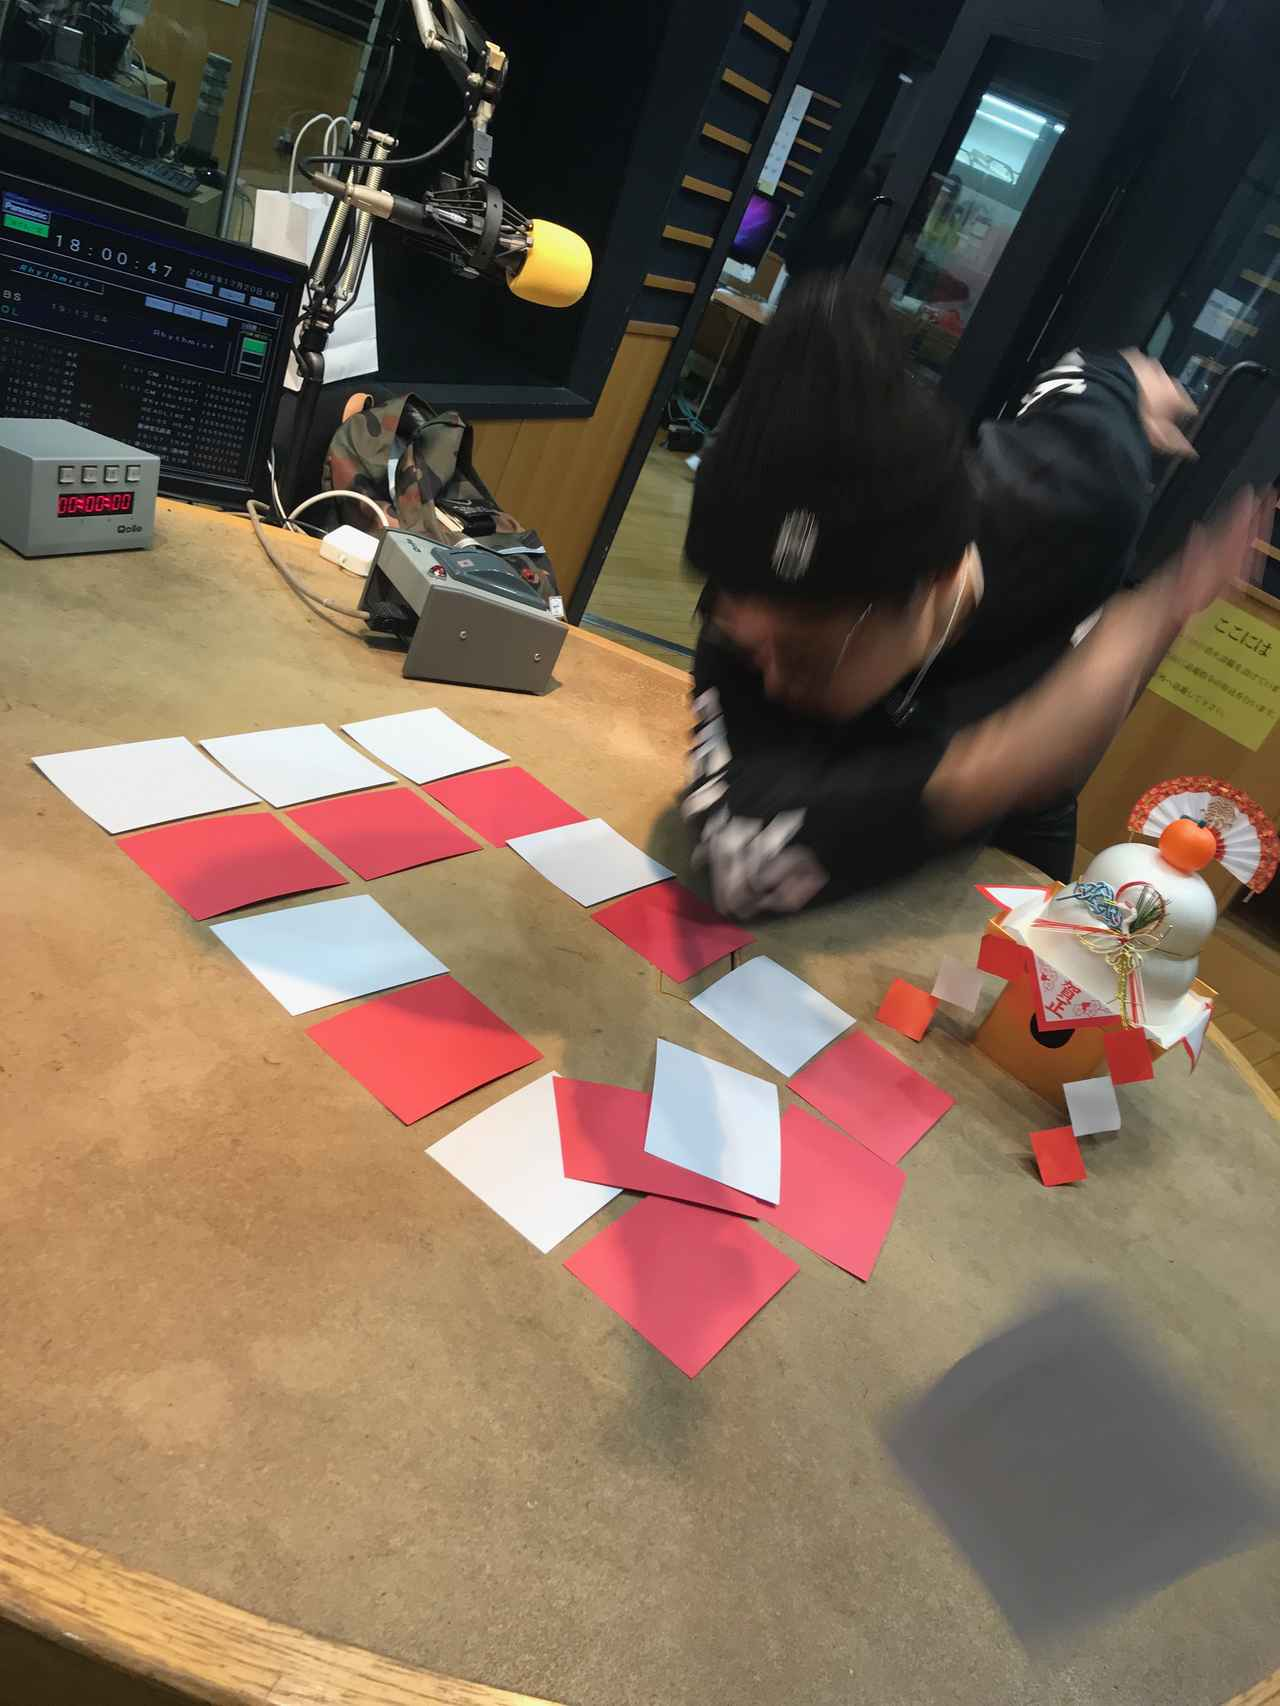 画像: 紅白カード!! こんなに激しく取ってましたっけ!?笑